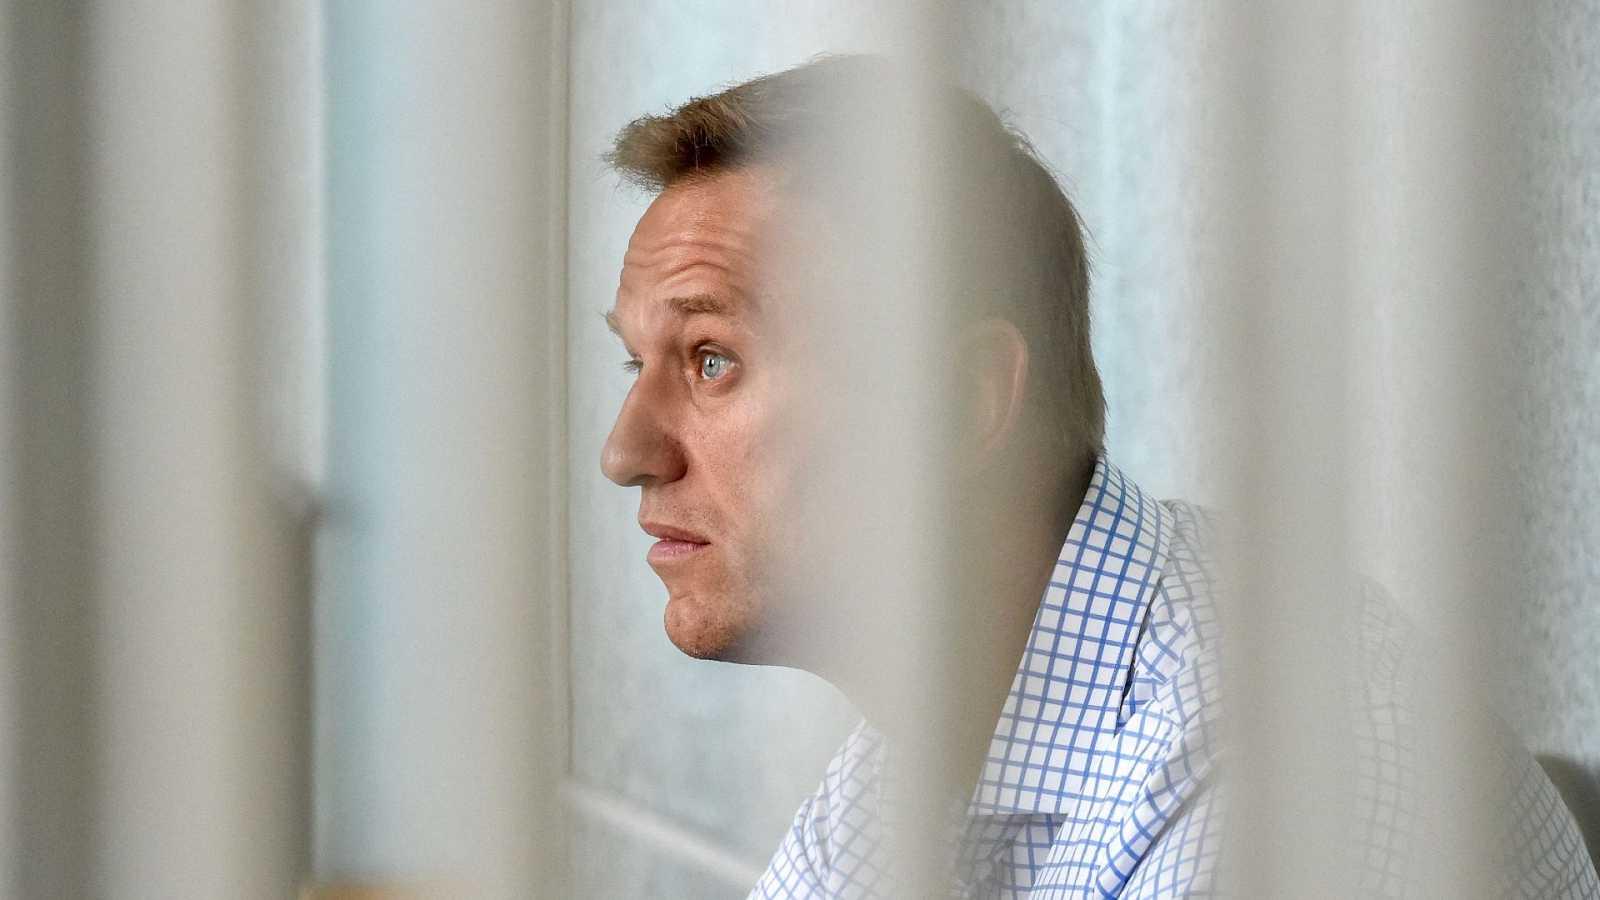 La salud de Navalny vuelve a tensar las relaciones entre el Kremlin y la comunidad internacional